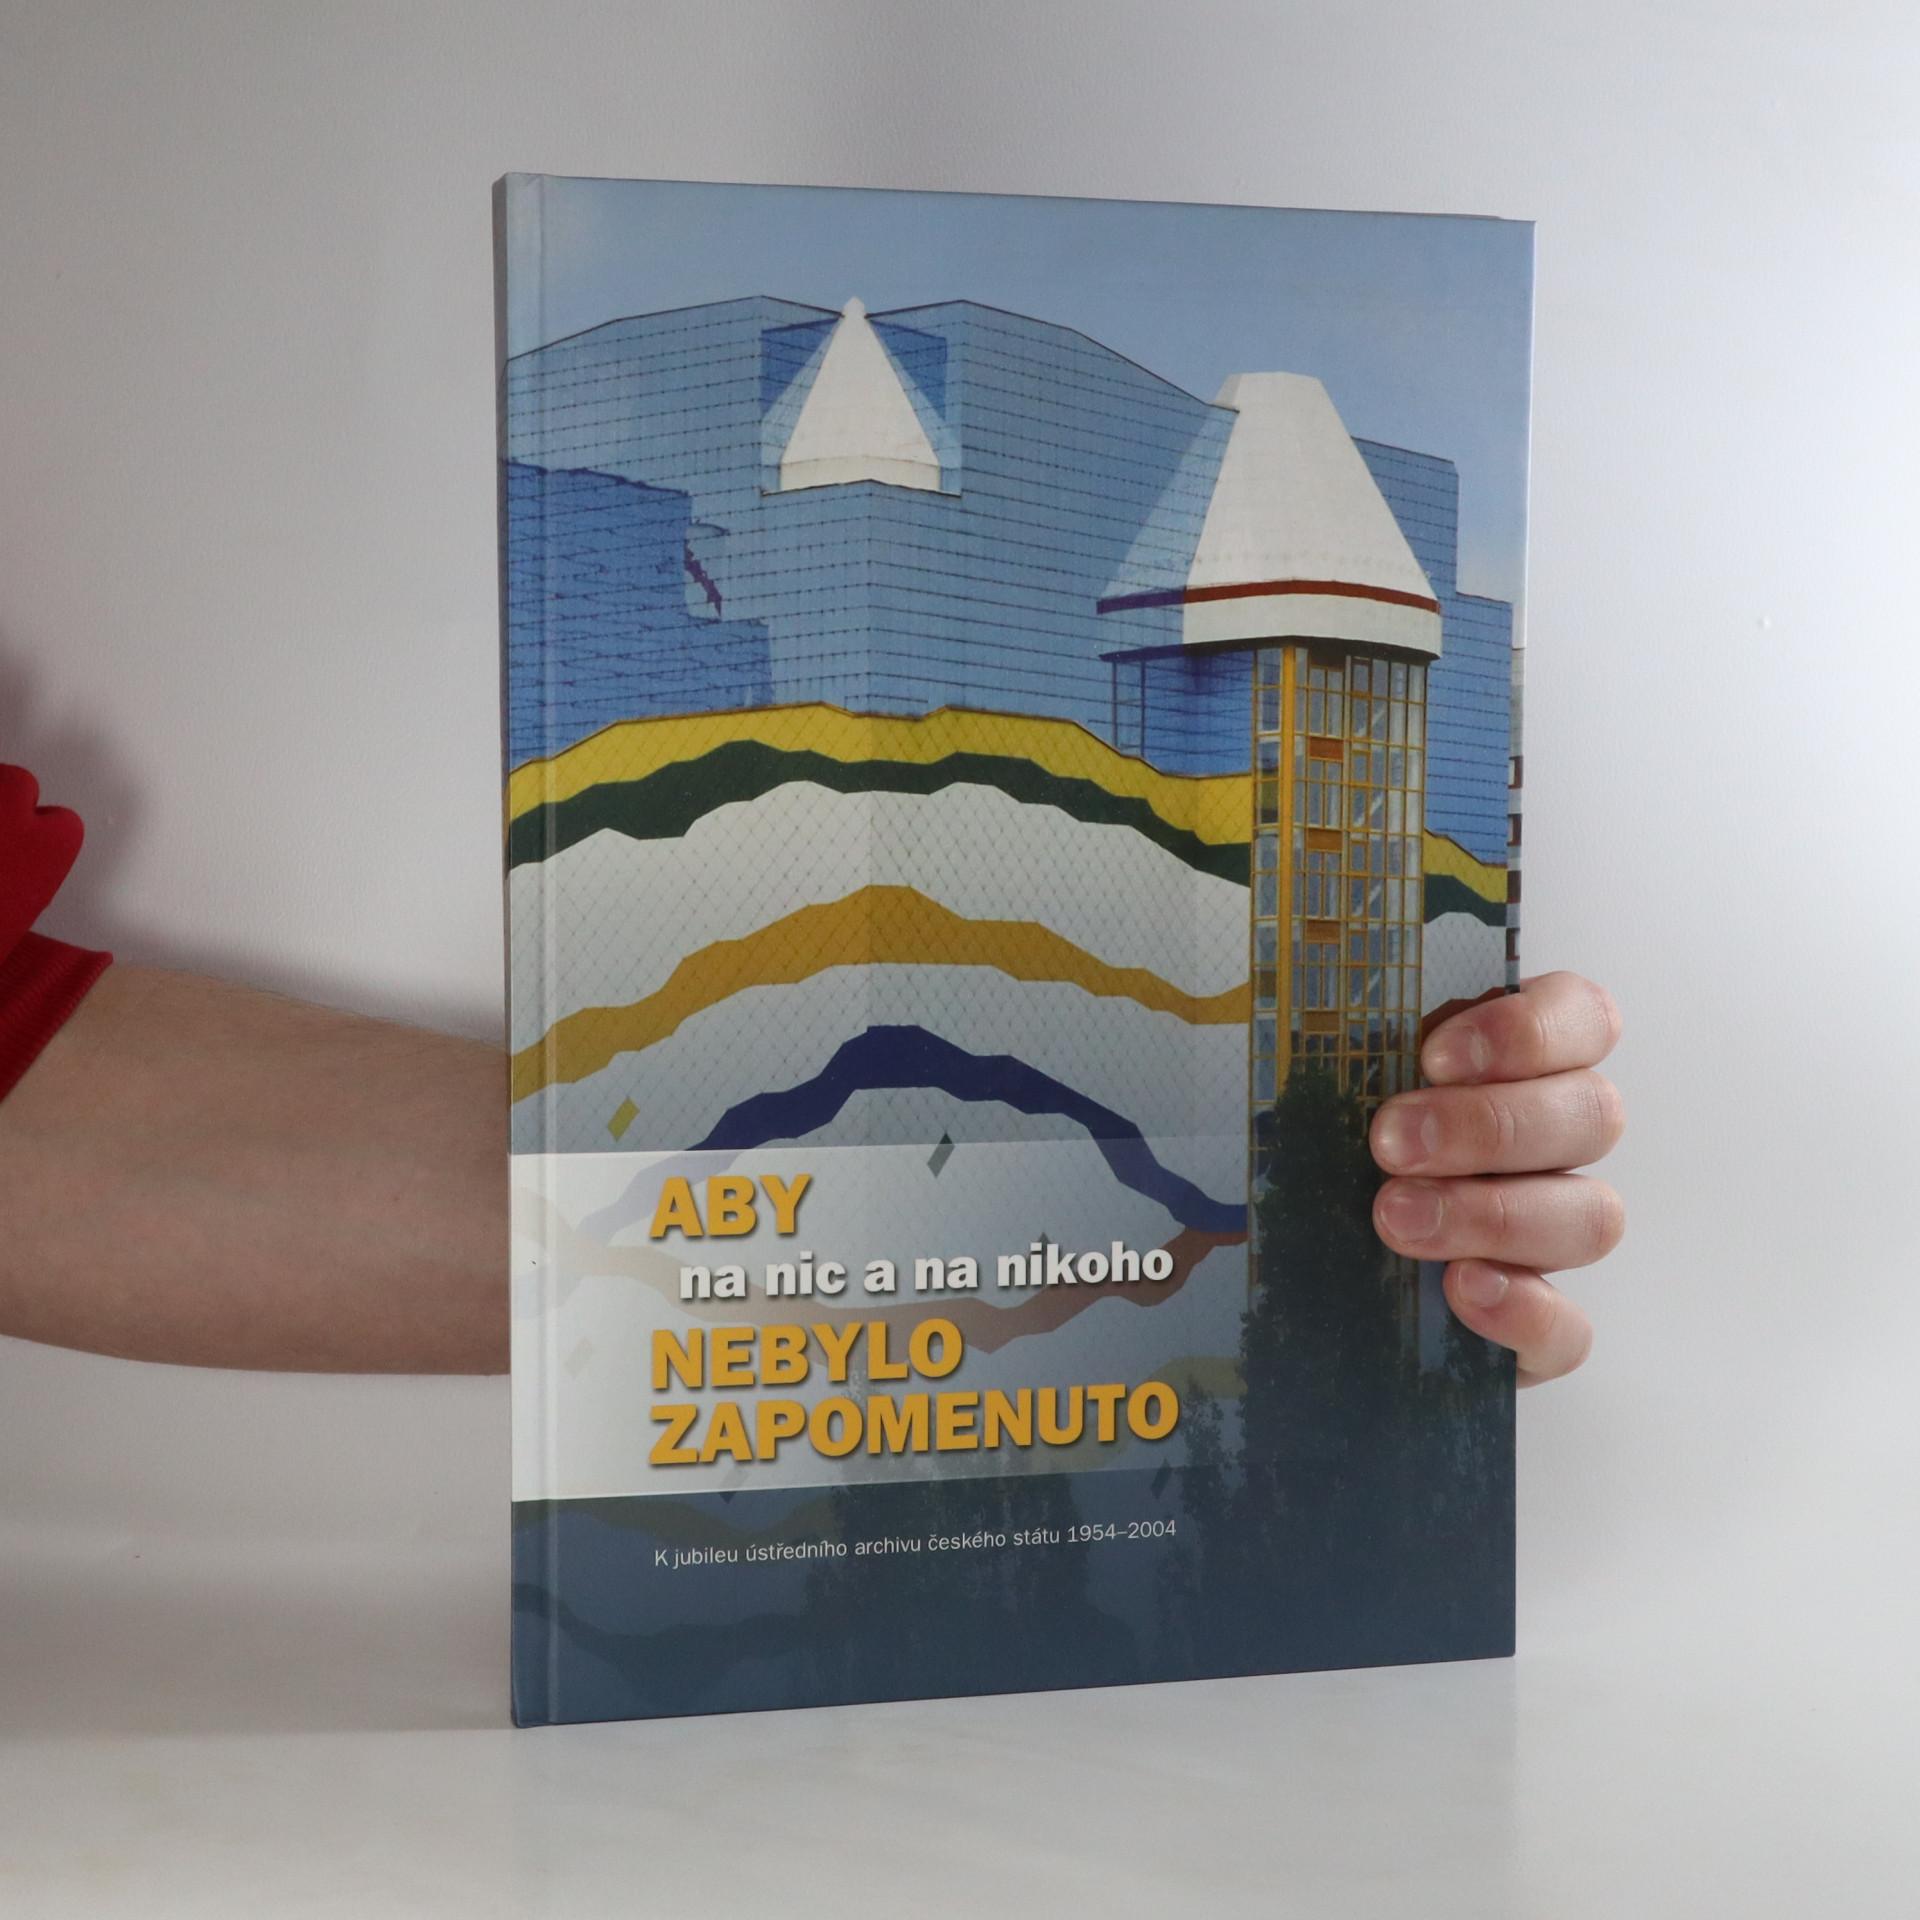 antikvární kniha Aby na nic a na nikoho nebylo zapomenuto, 2004